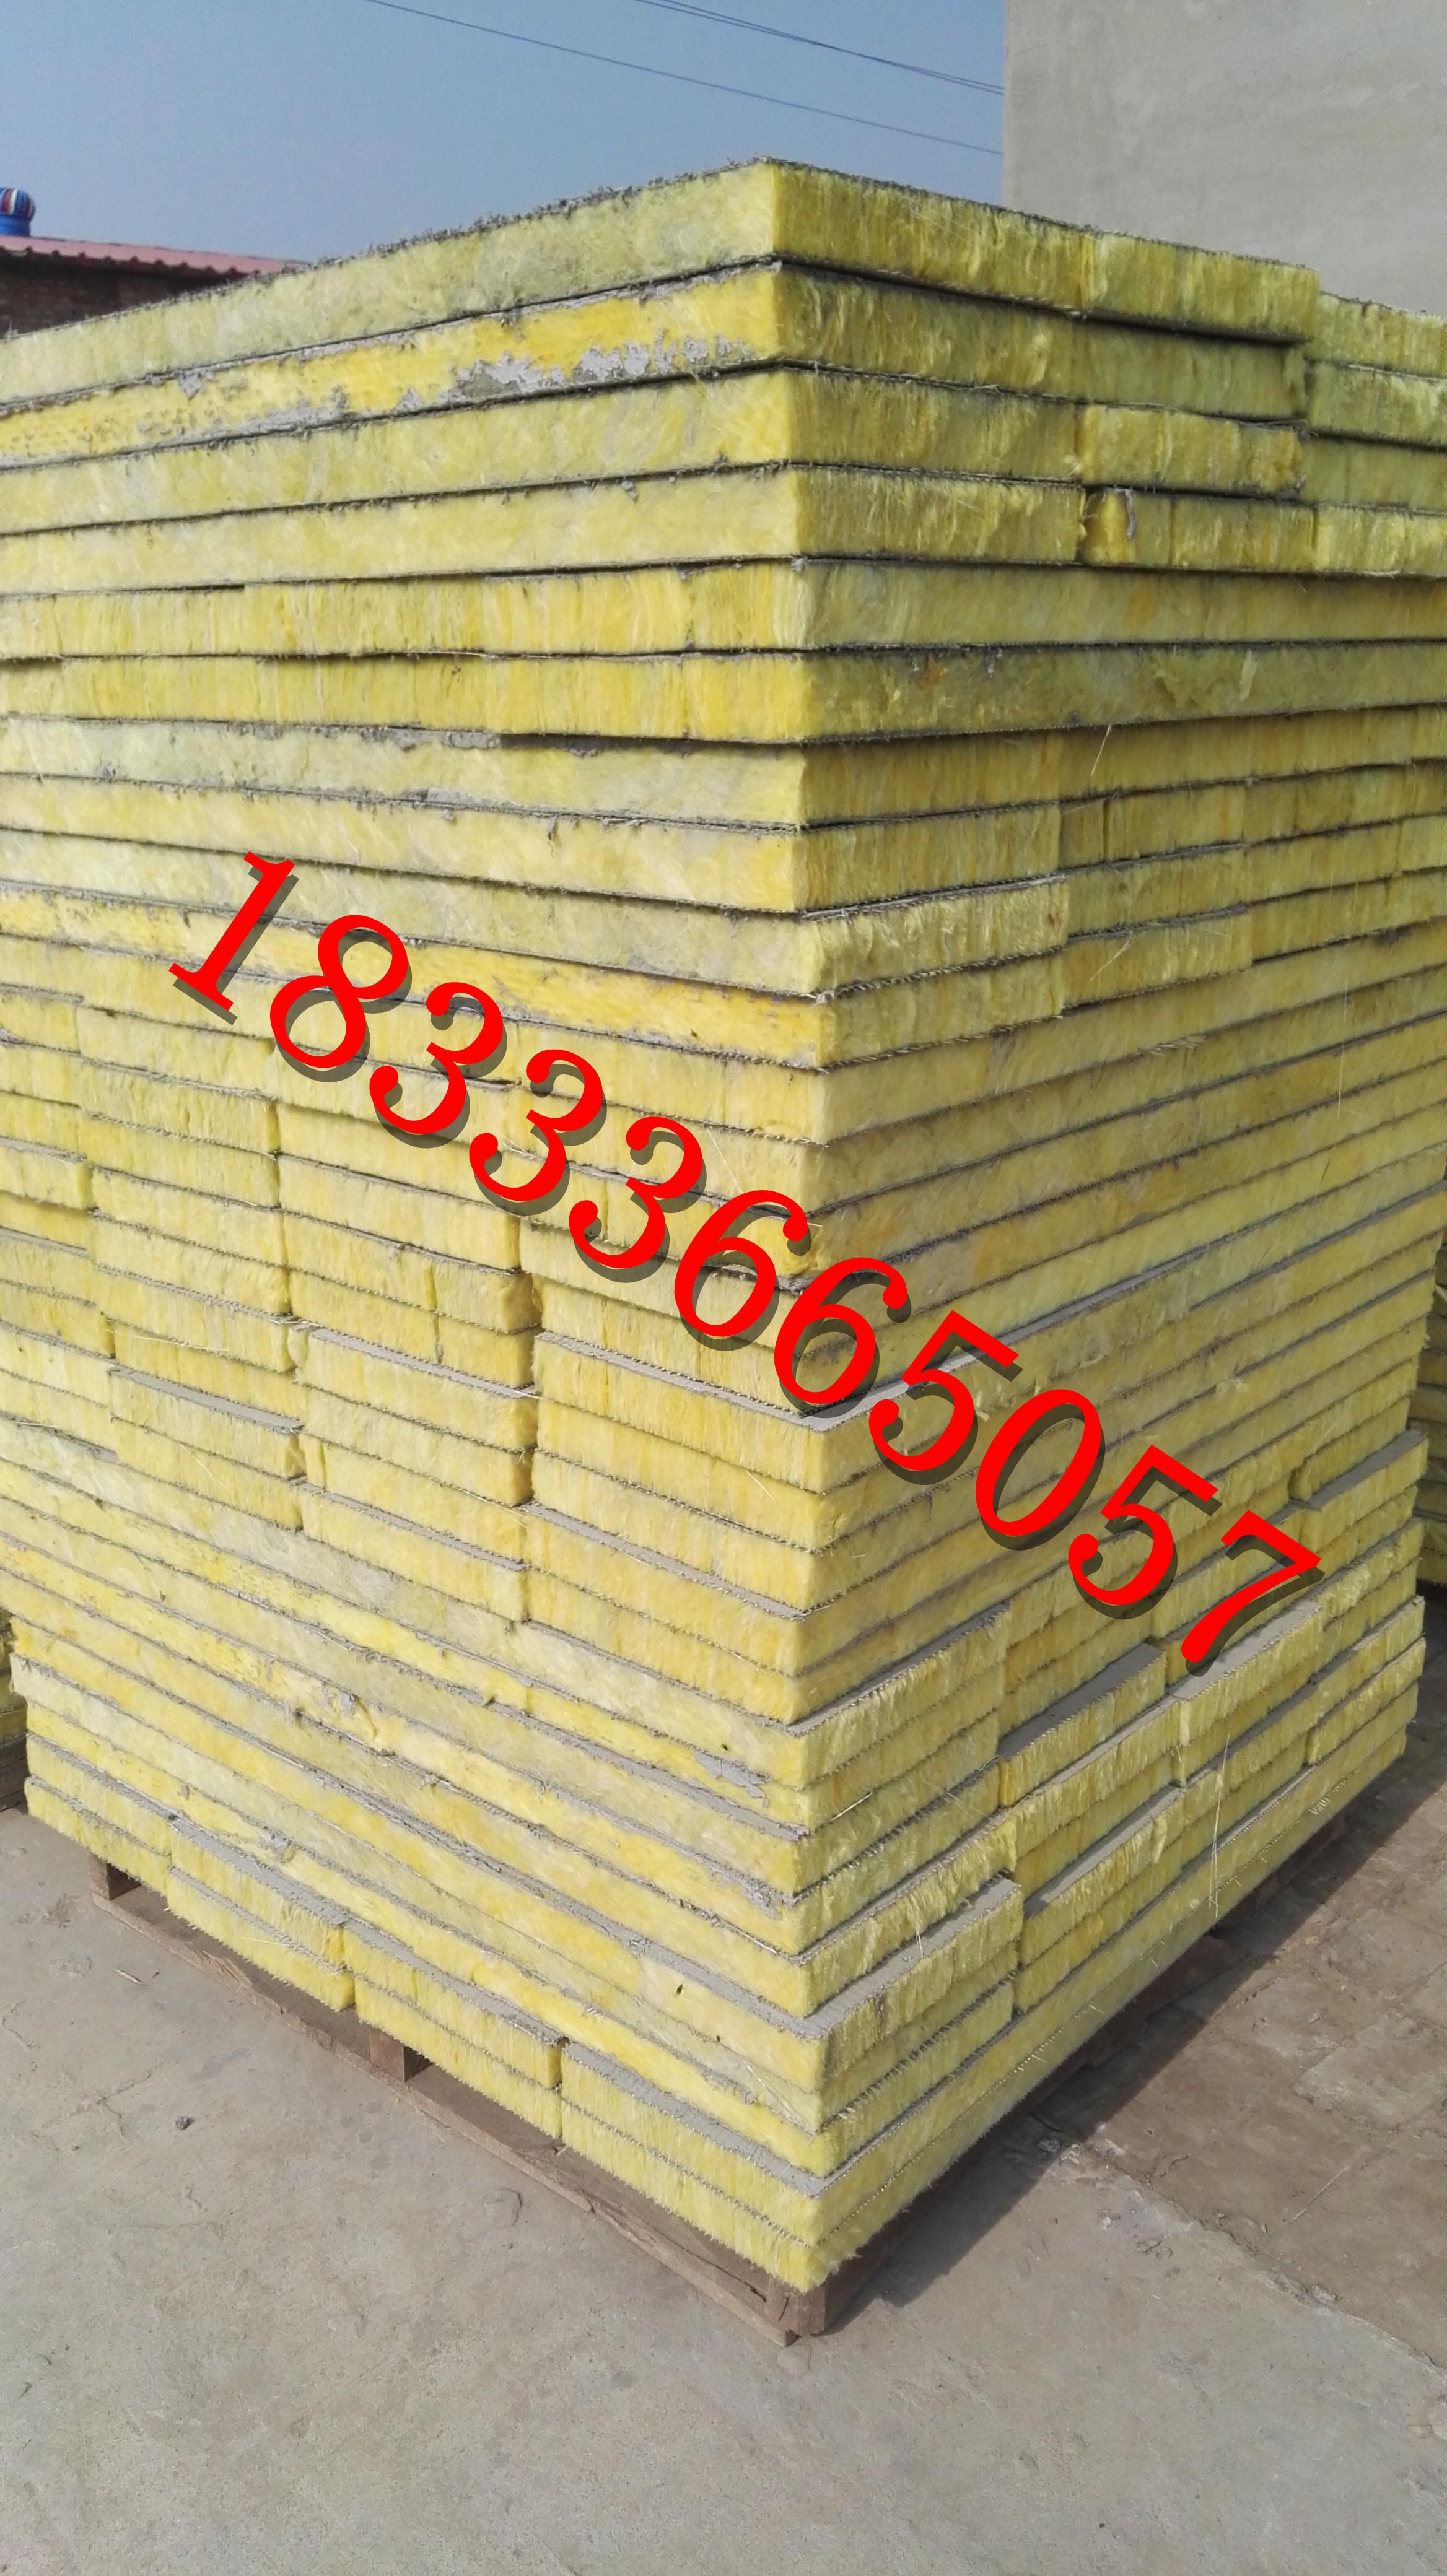 岩棉复合板 厂家直销复合岩棉板 外墙保温用双面砂浆复合 外墙保温用双面砂浆复合板